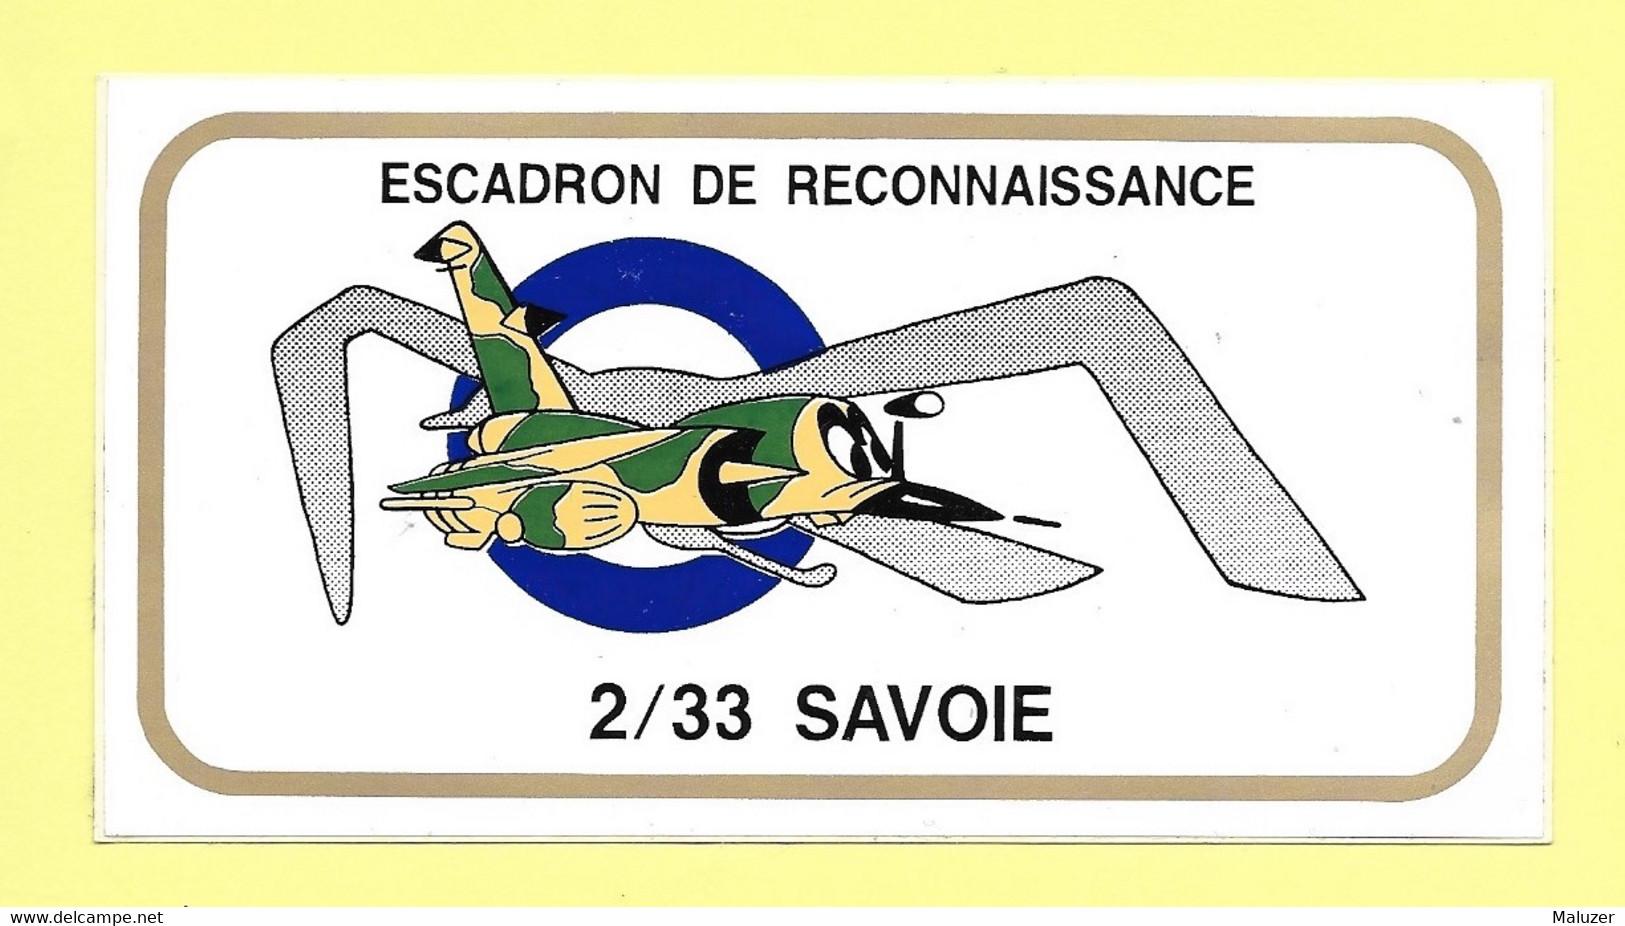 AUTOCOLLANT STICKER - ESCADRON DE RECONNAISSANCE 2/33 SAVOIE - ARMÉE - MILITARIA - Stickers